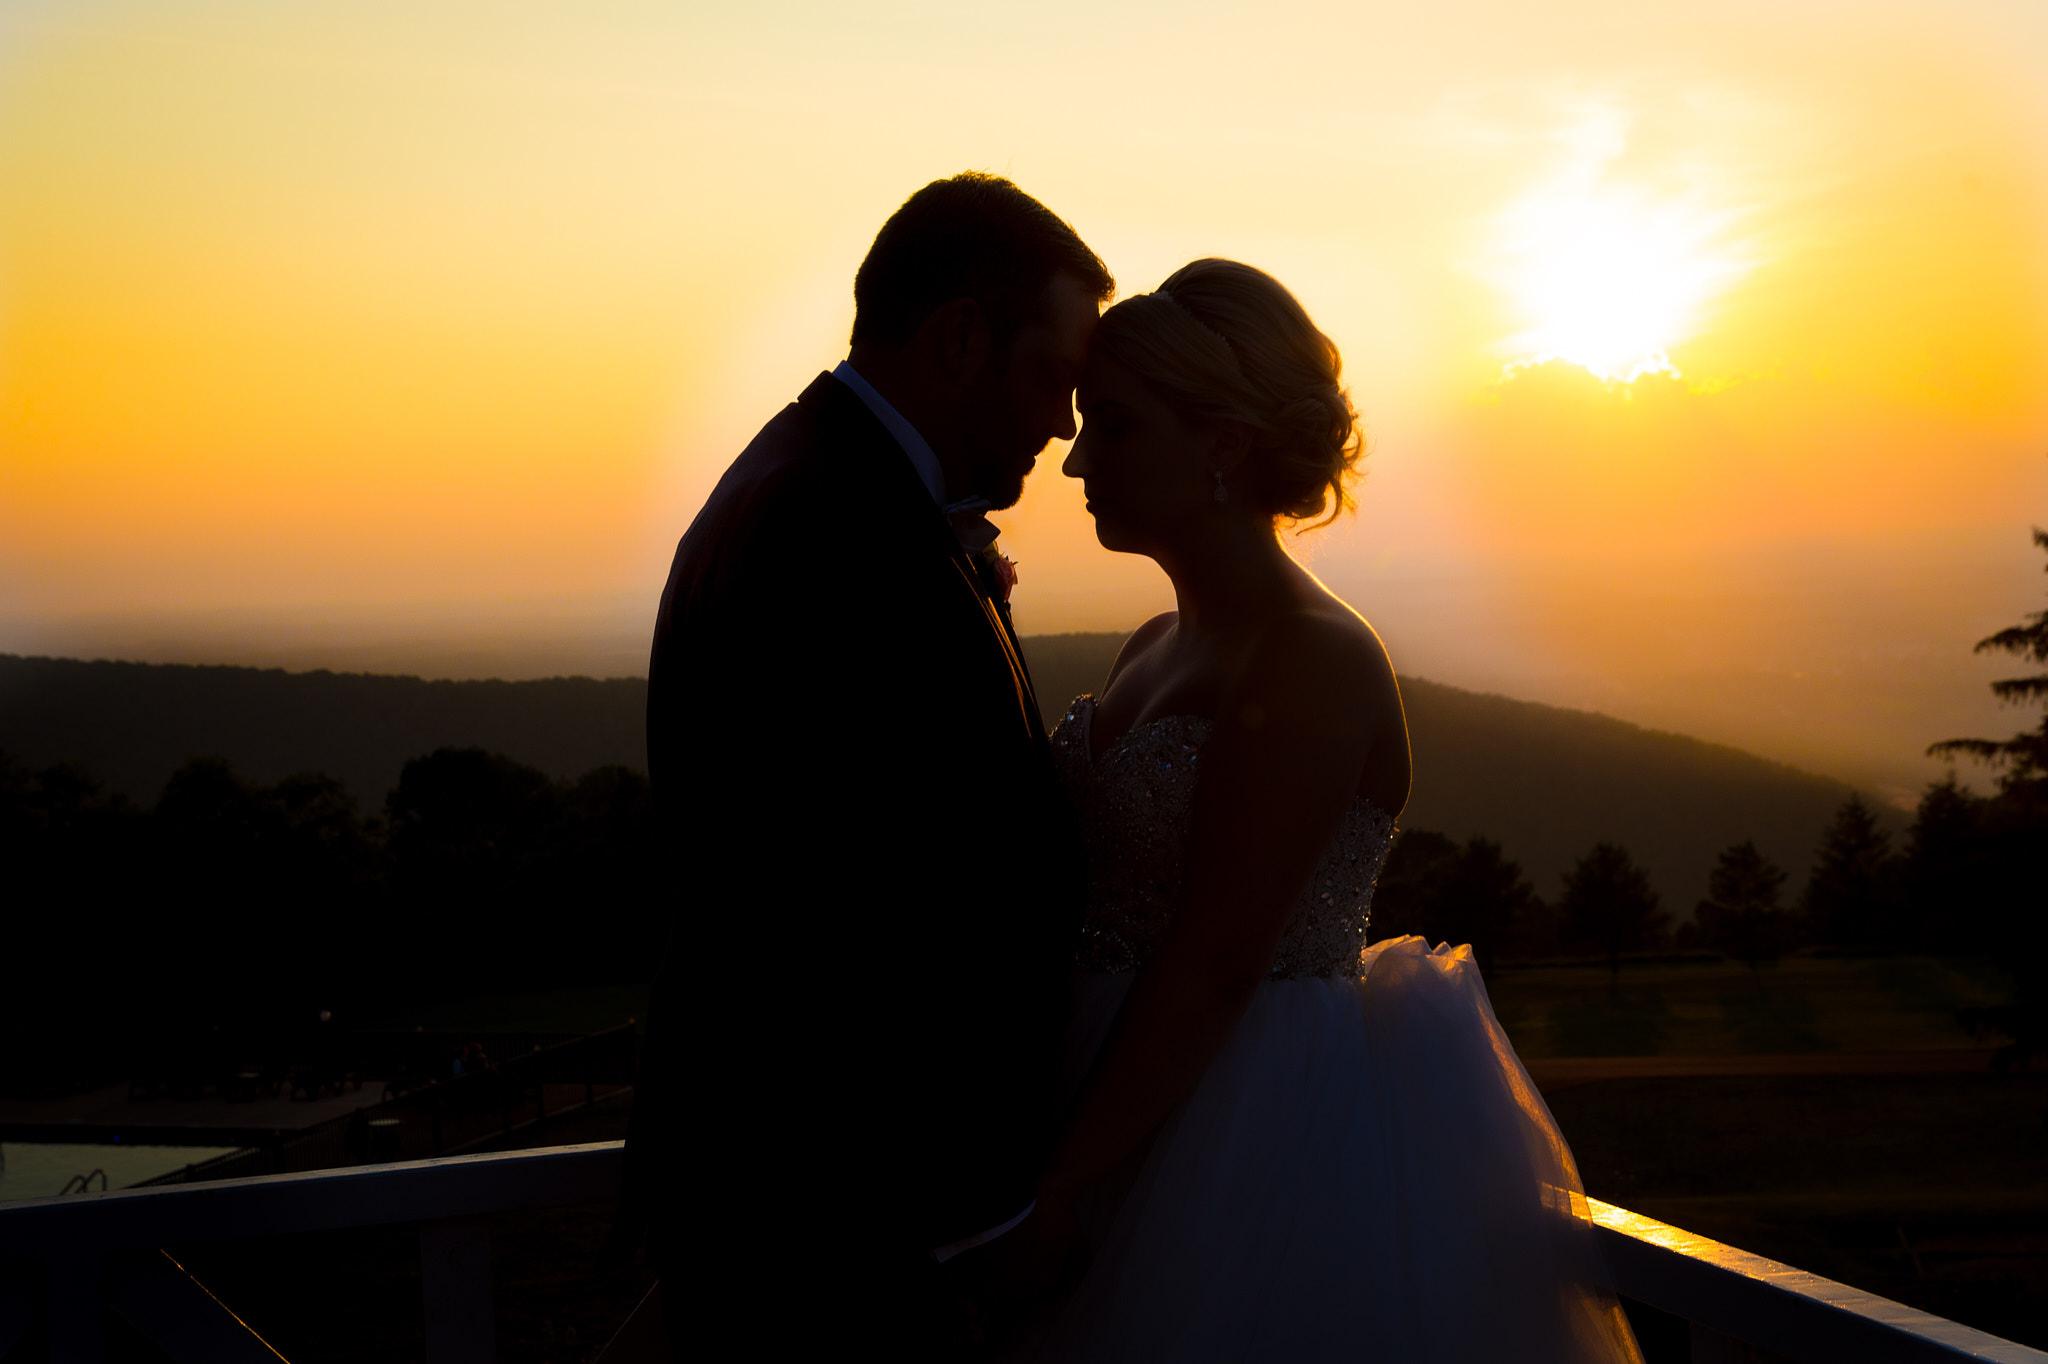 matrimonio rid 0_220